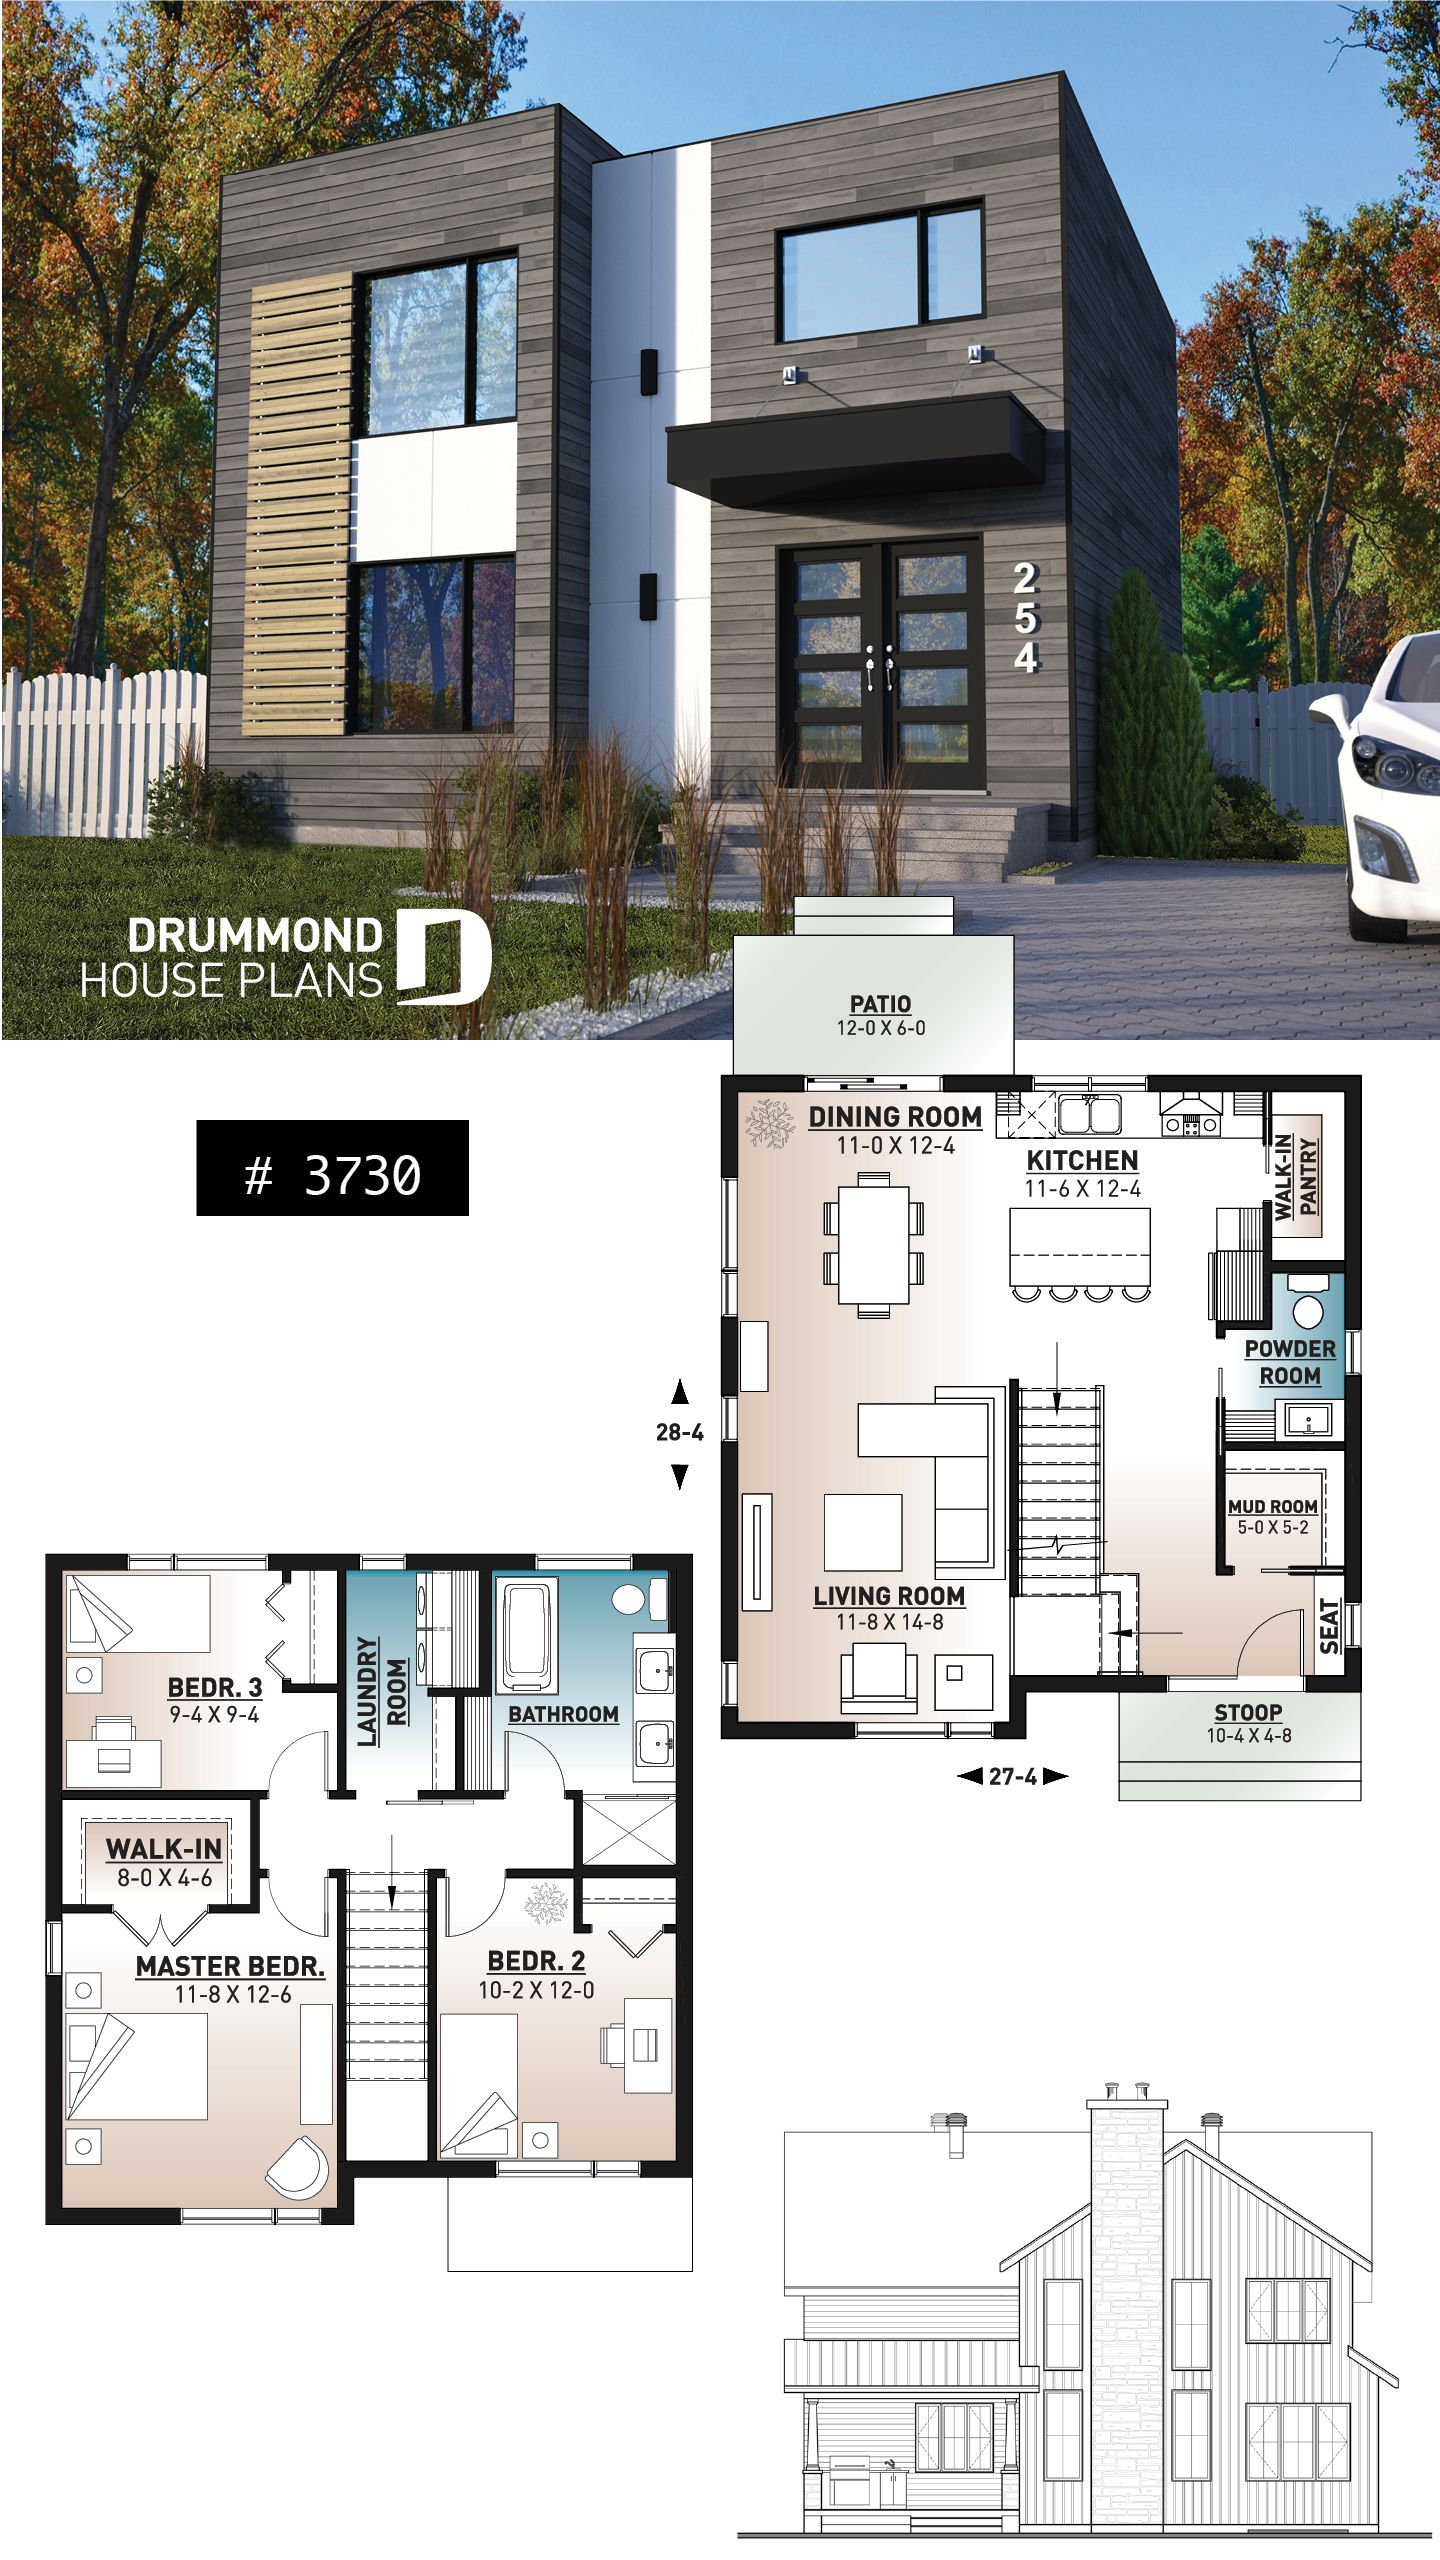 Plan De Maison Contemporaine Plan Maison Contemporaine Plans Petite Maison Moderne Maison Contemporaine